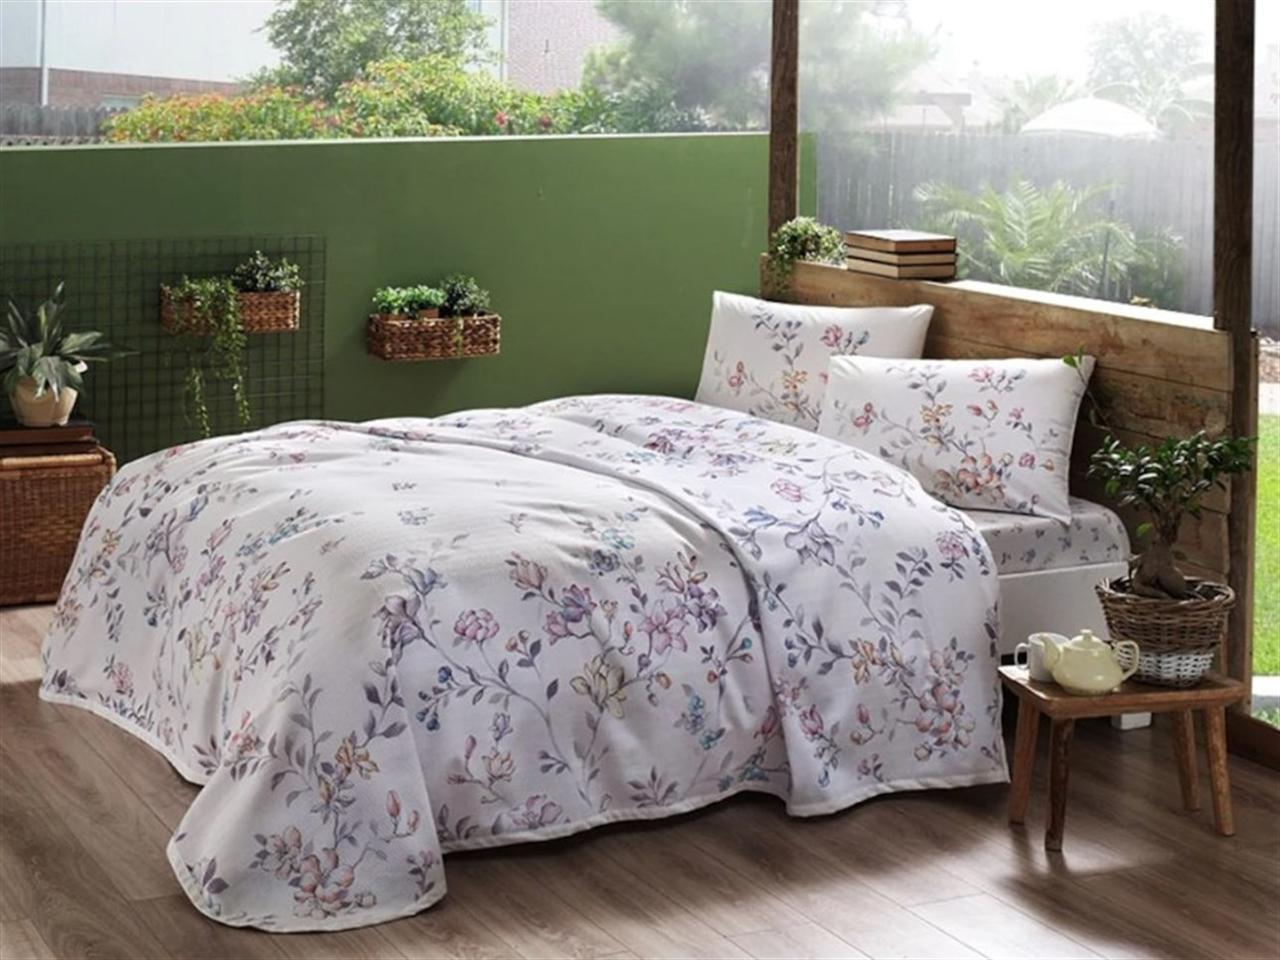 Комплект постельного белья с пике TAC Julianne Pink полуторный / простынь на резинке